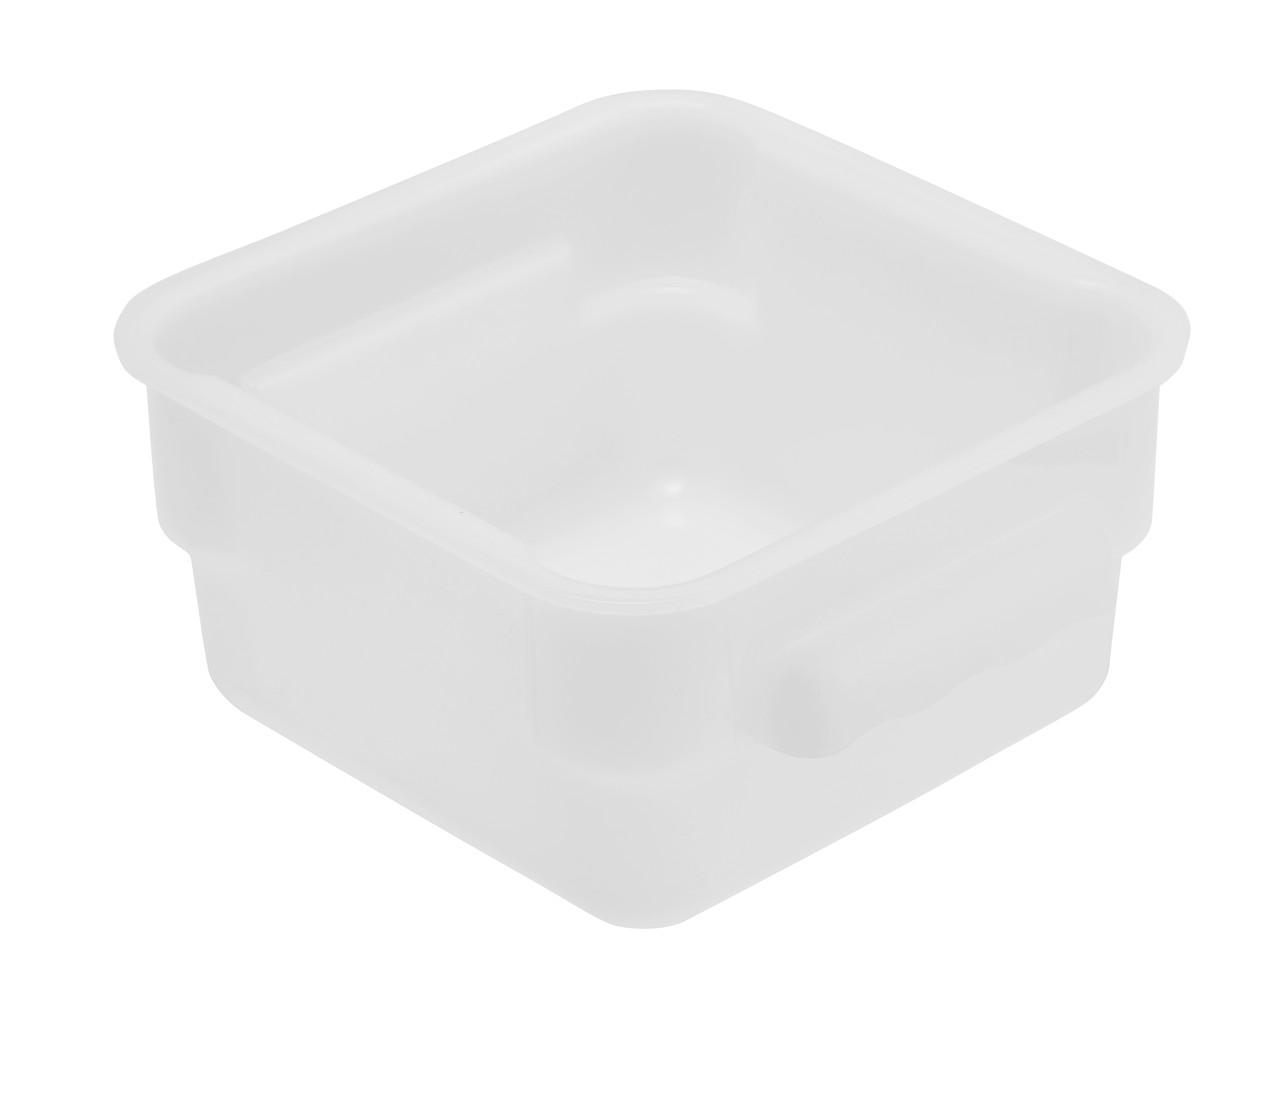 Контейнер для хранения FoREST квадратный (18x10 см, 2 л)